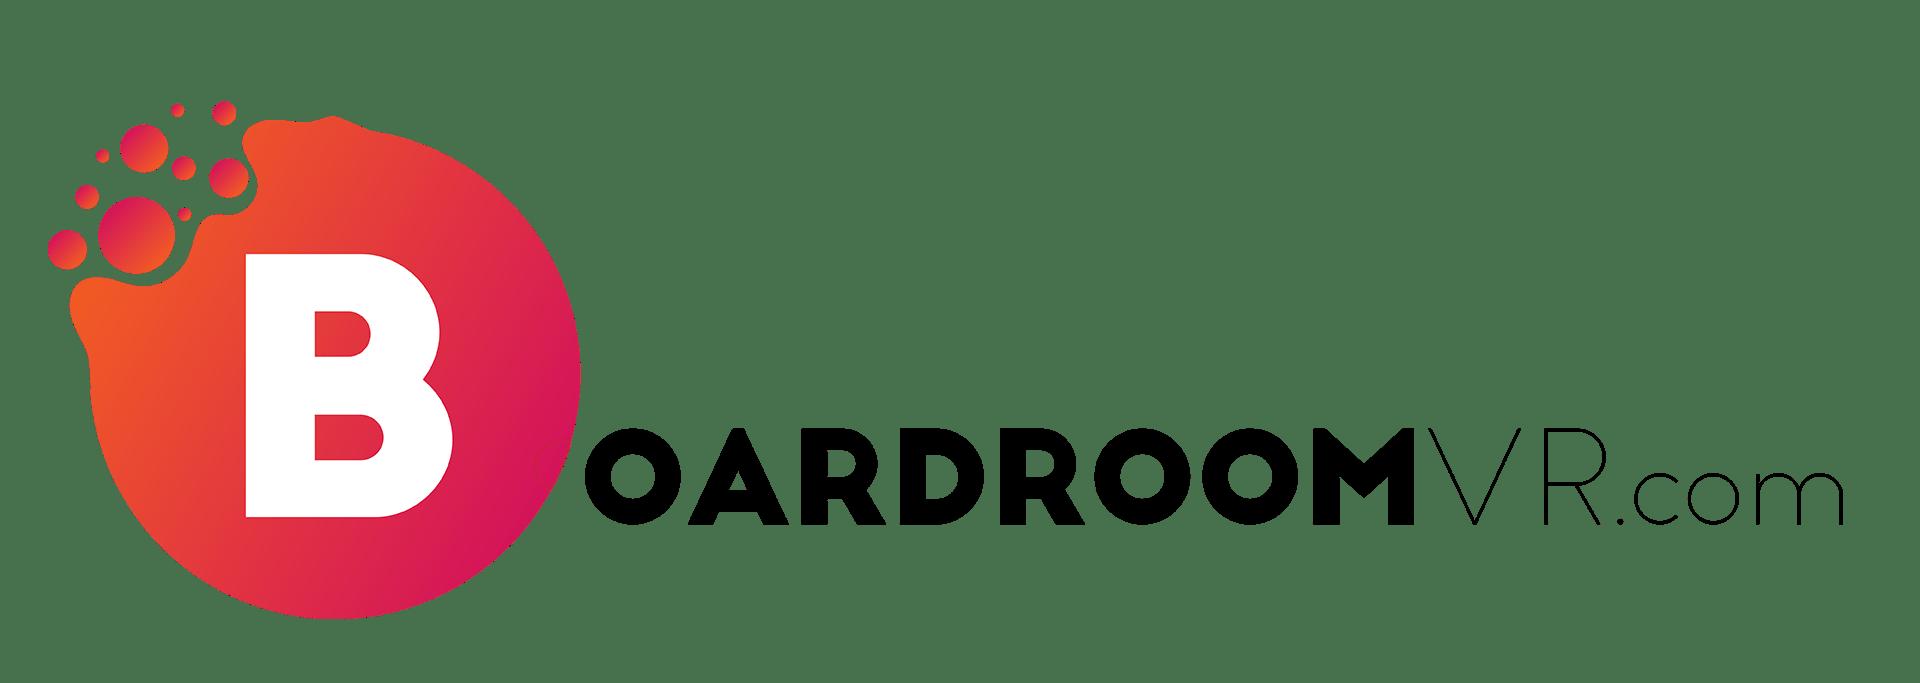 BoardroomVR logo